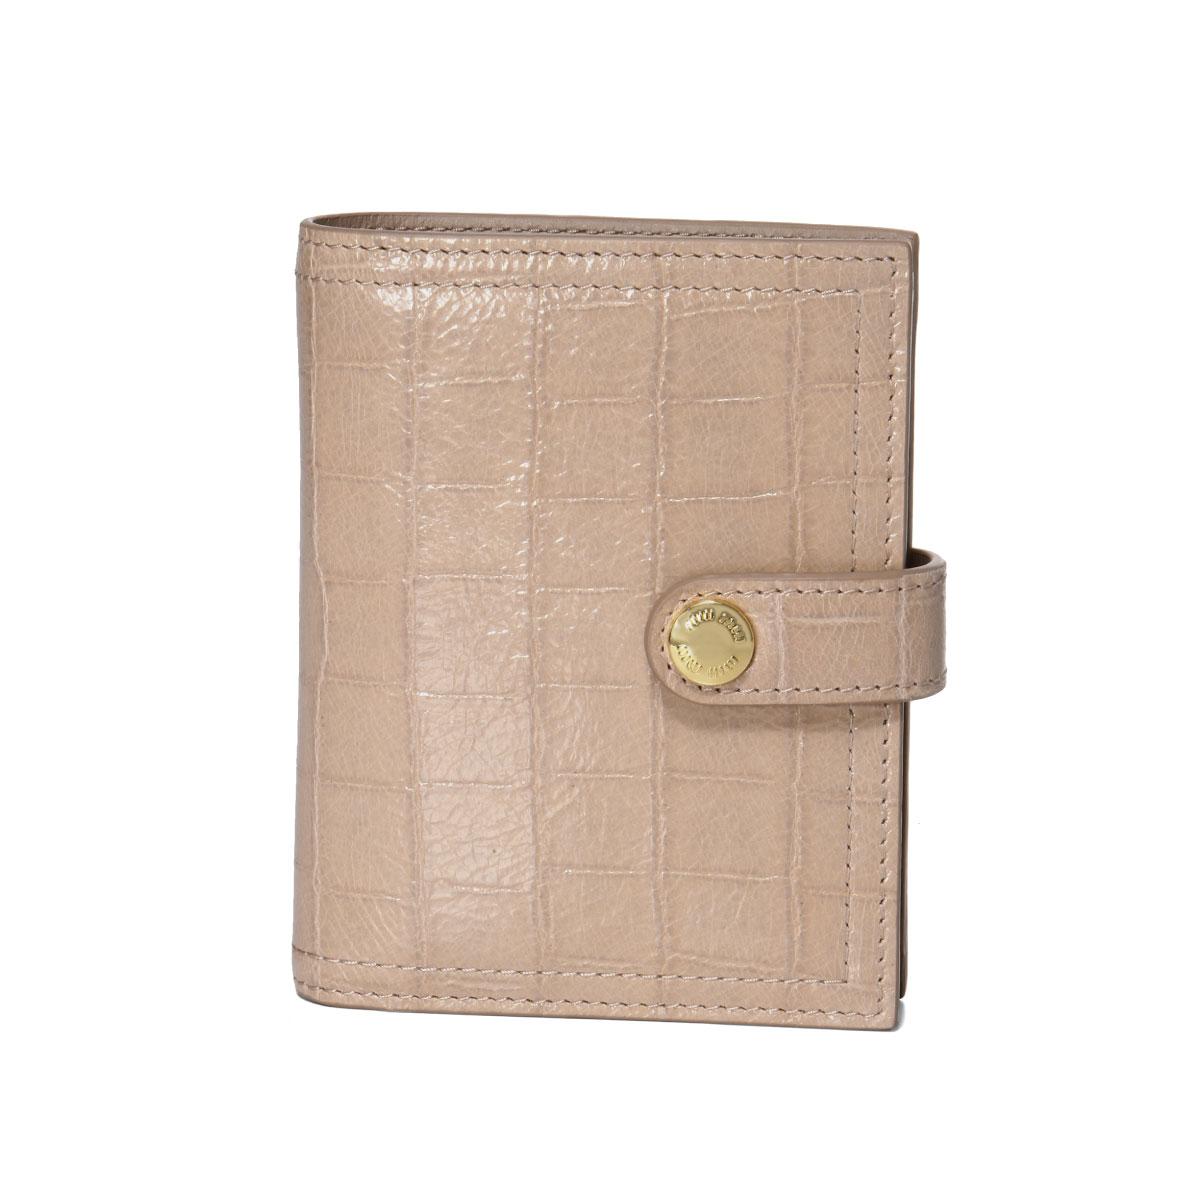 ミュウ ミュウ MIU MIU 財布 レディース 5MV016 NKG F0D91 二つ折り財布 ST.COCCO LUX OPALE ベージュ